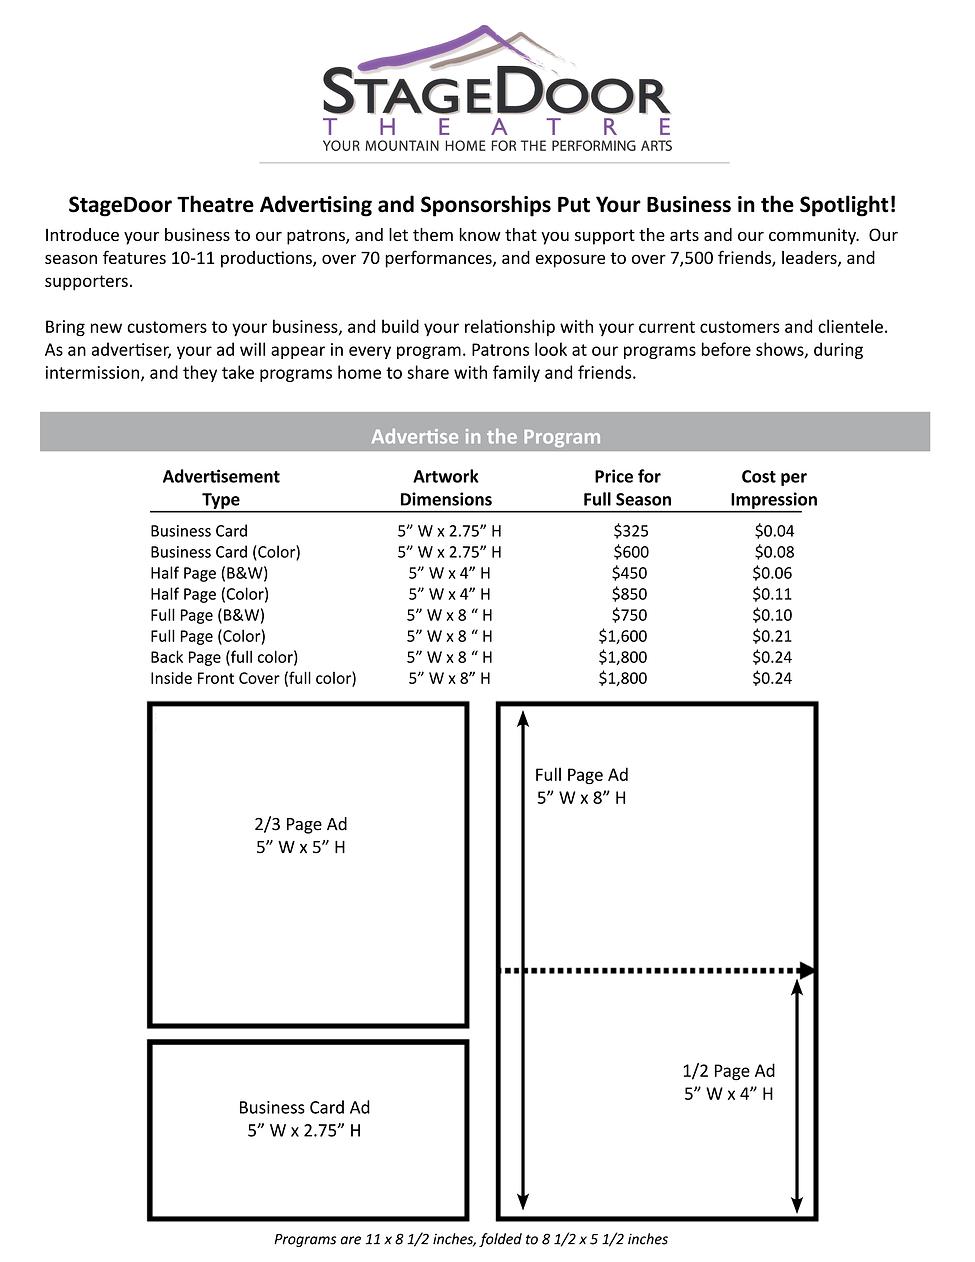 StageDoor Theatre - Program Advertising